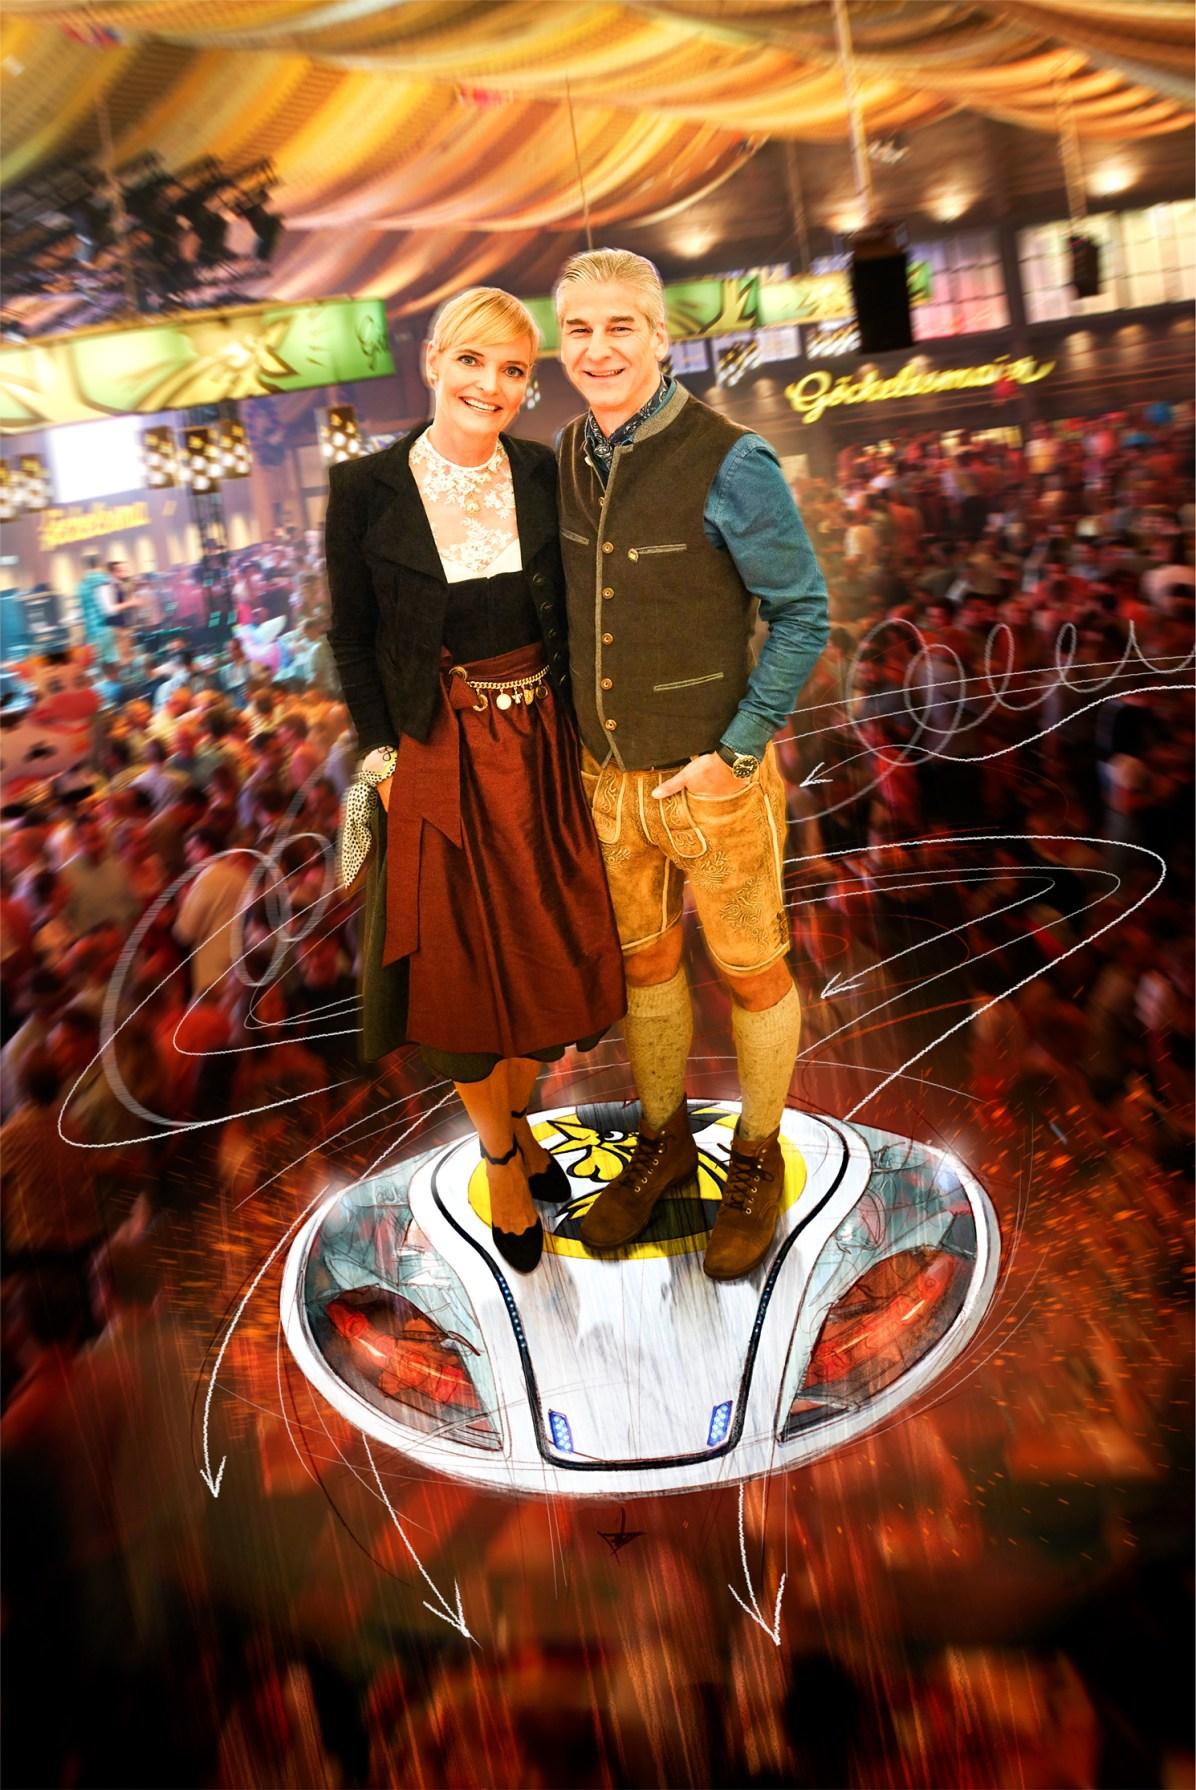 Daniela und Karl J. Maier auf dem Sprung in die Zukunft...